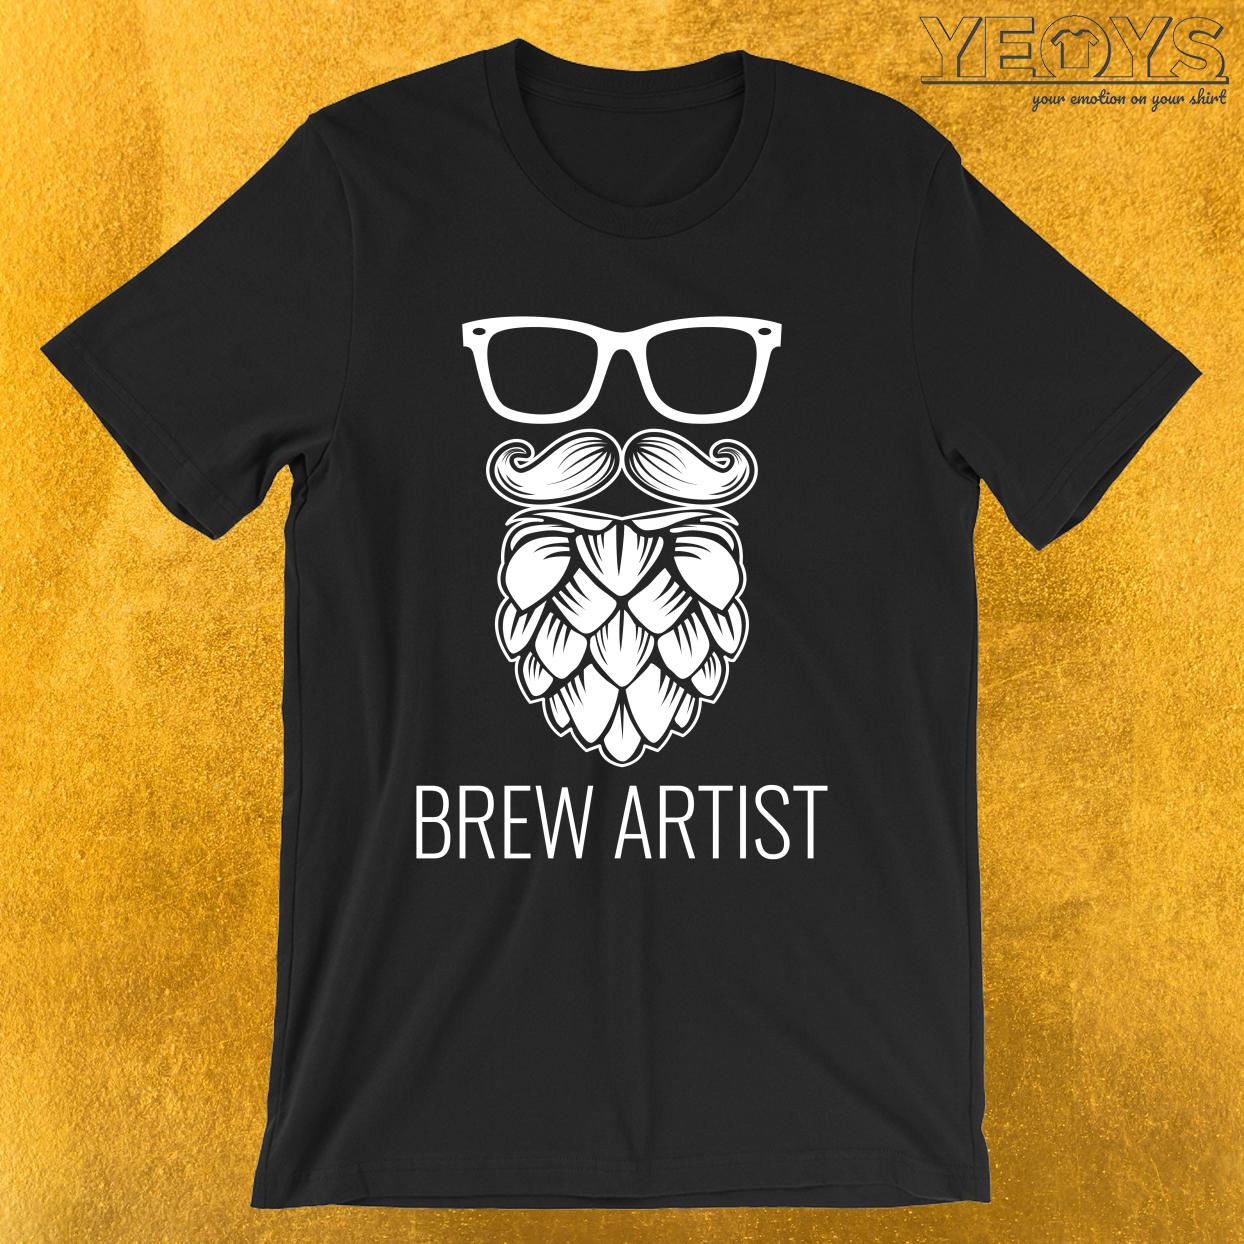 Brew Artist – Craft Beer Tee